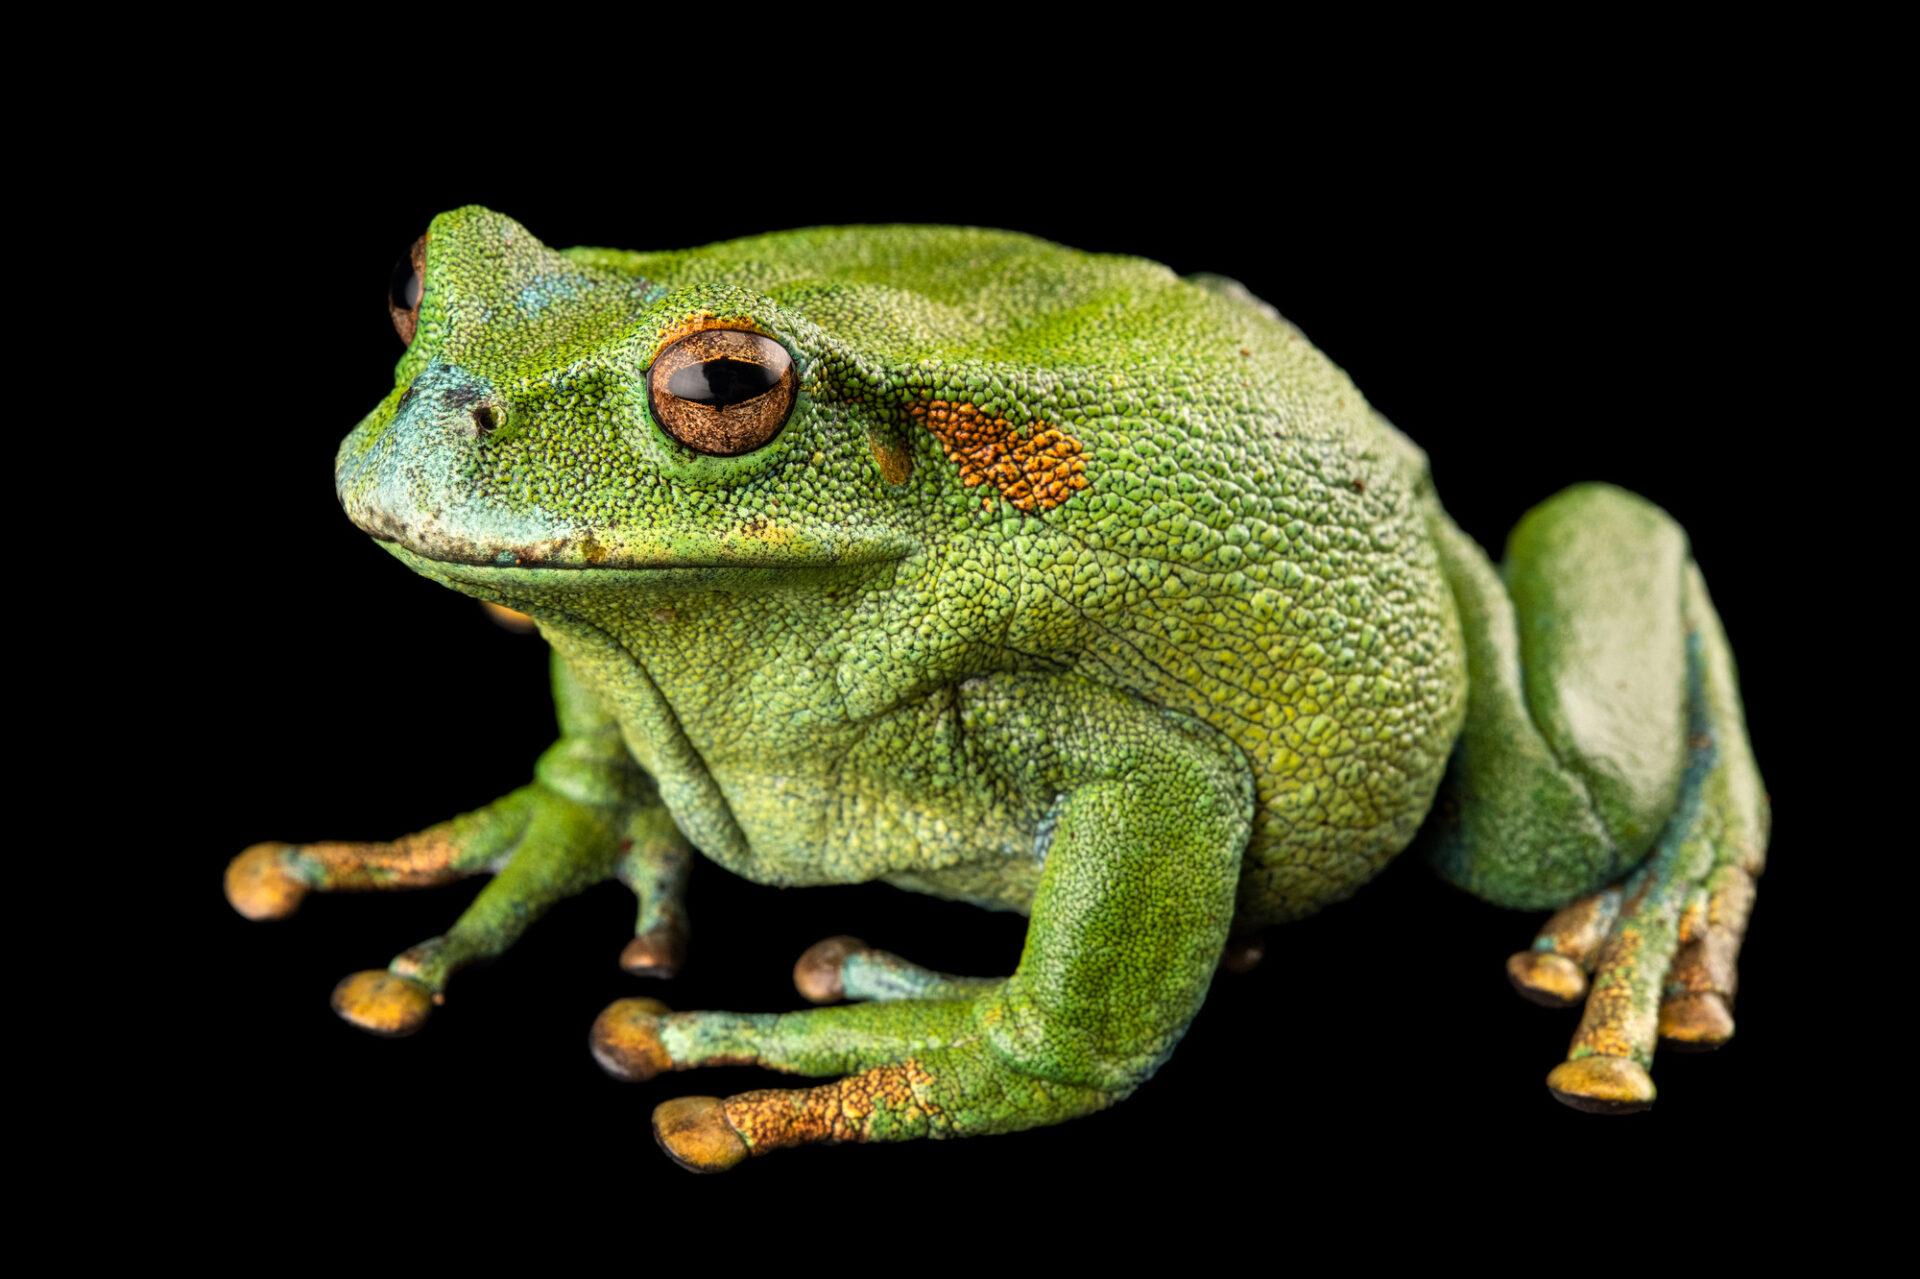 Photo: A ranger marsupial frog (Gastrotheca orophylax) at Centro Jambatu in Quito, Ecuador.